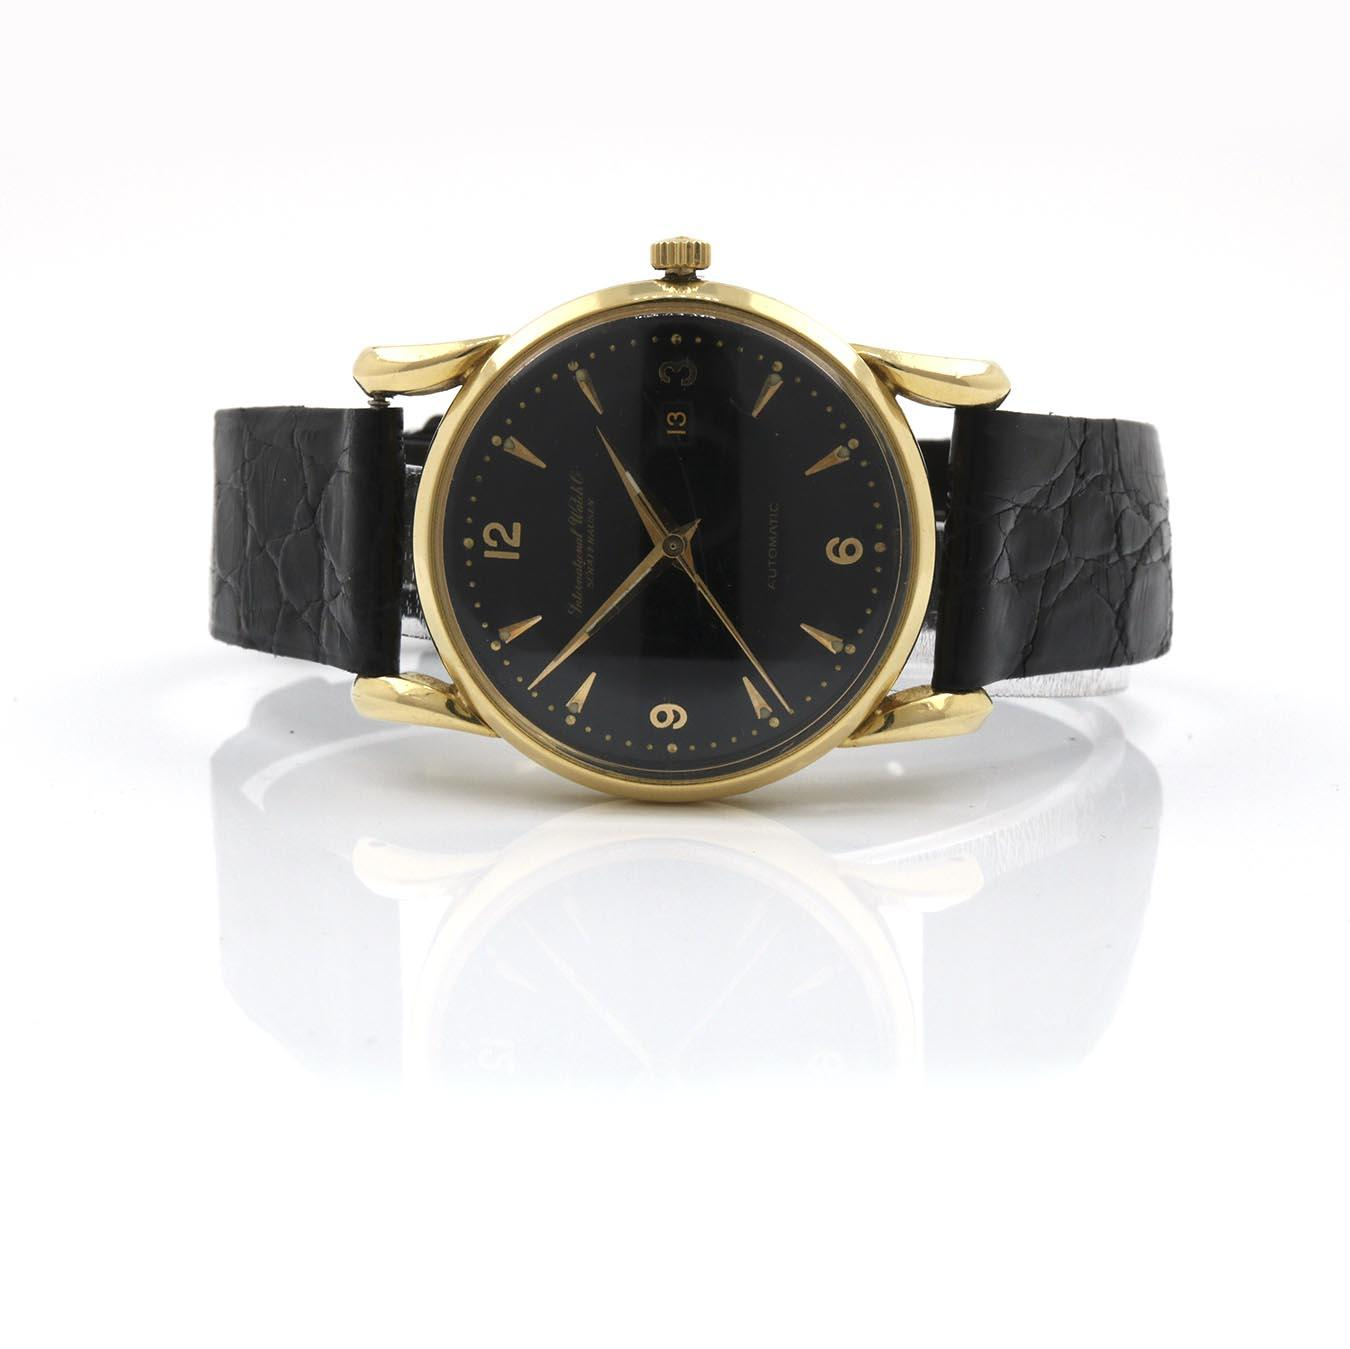 Alte Uhr verkaufen Wien